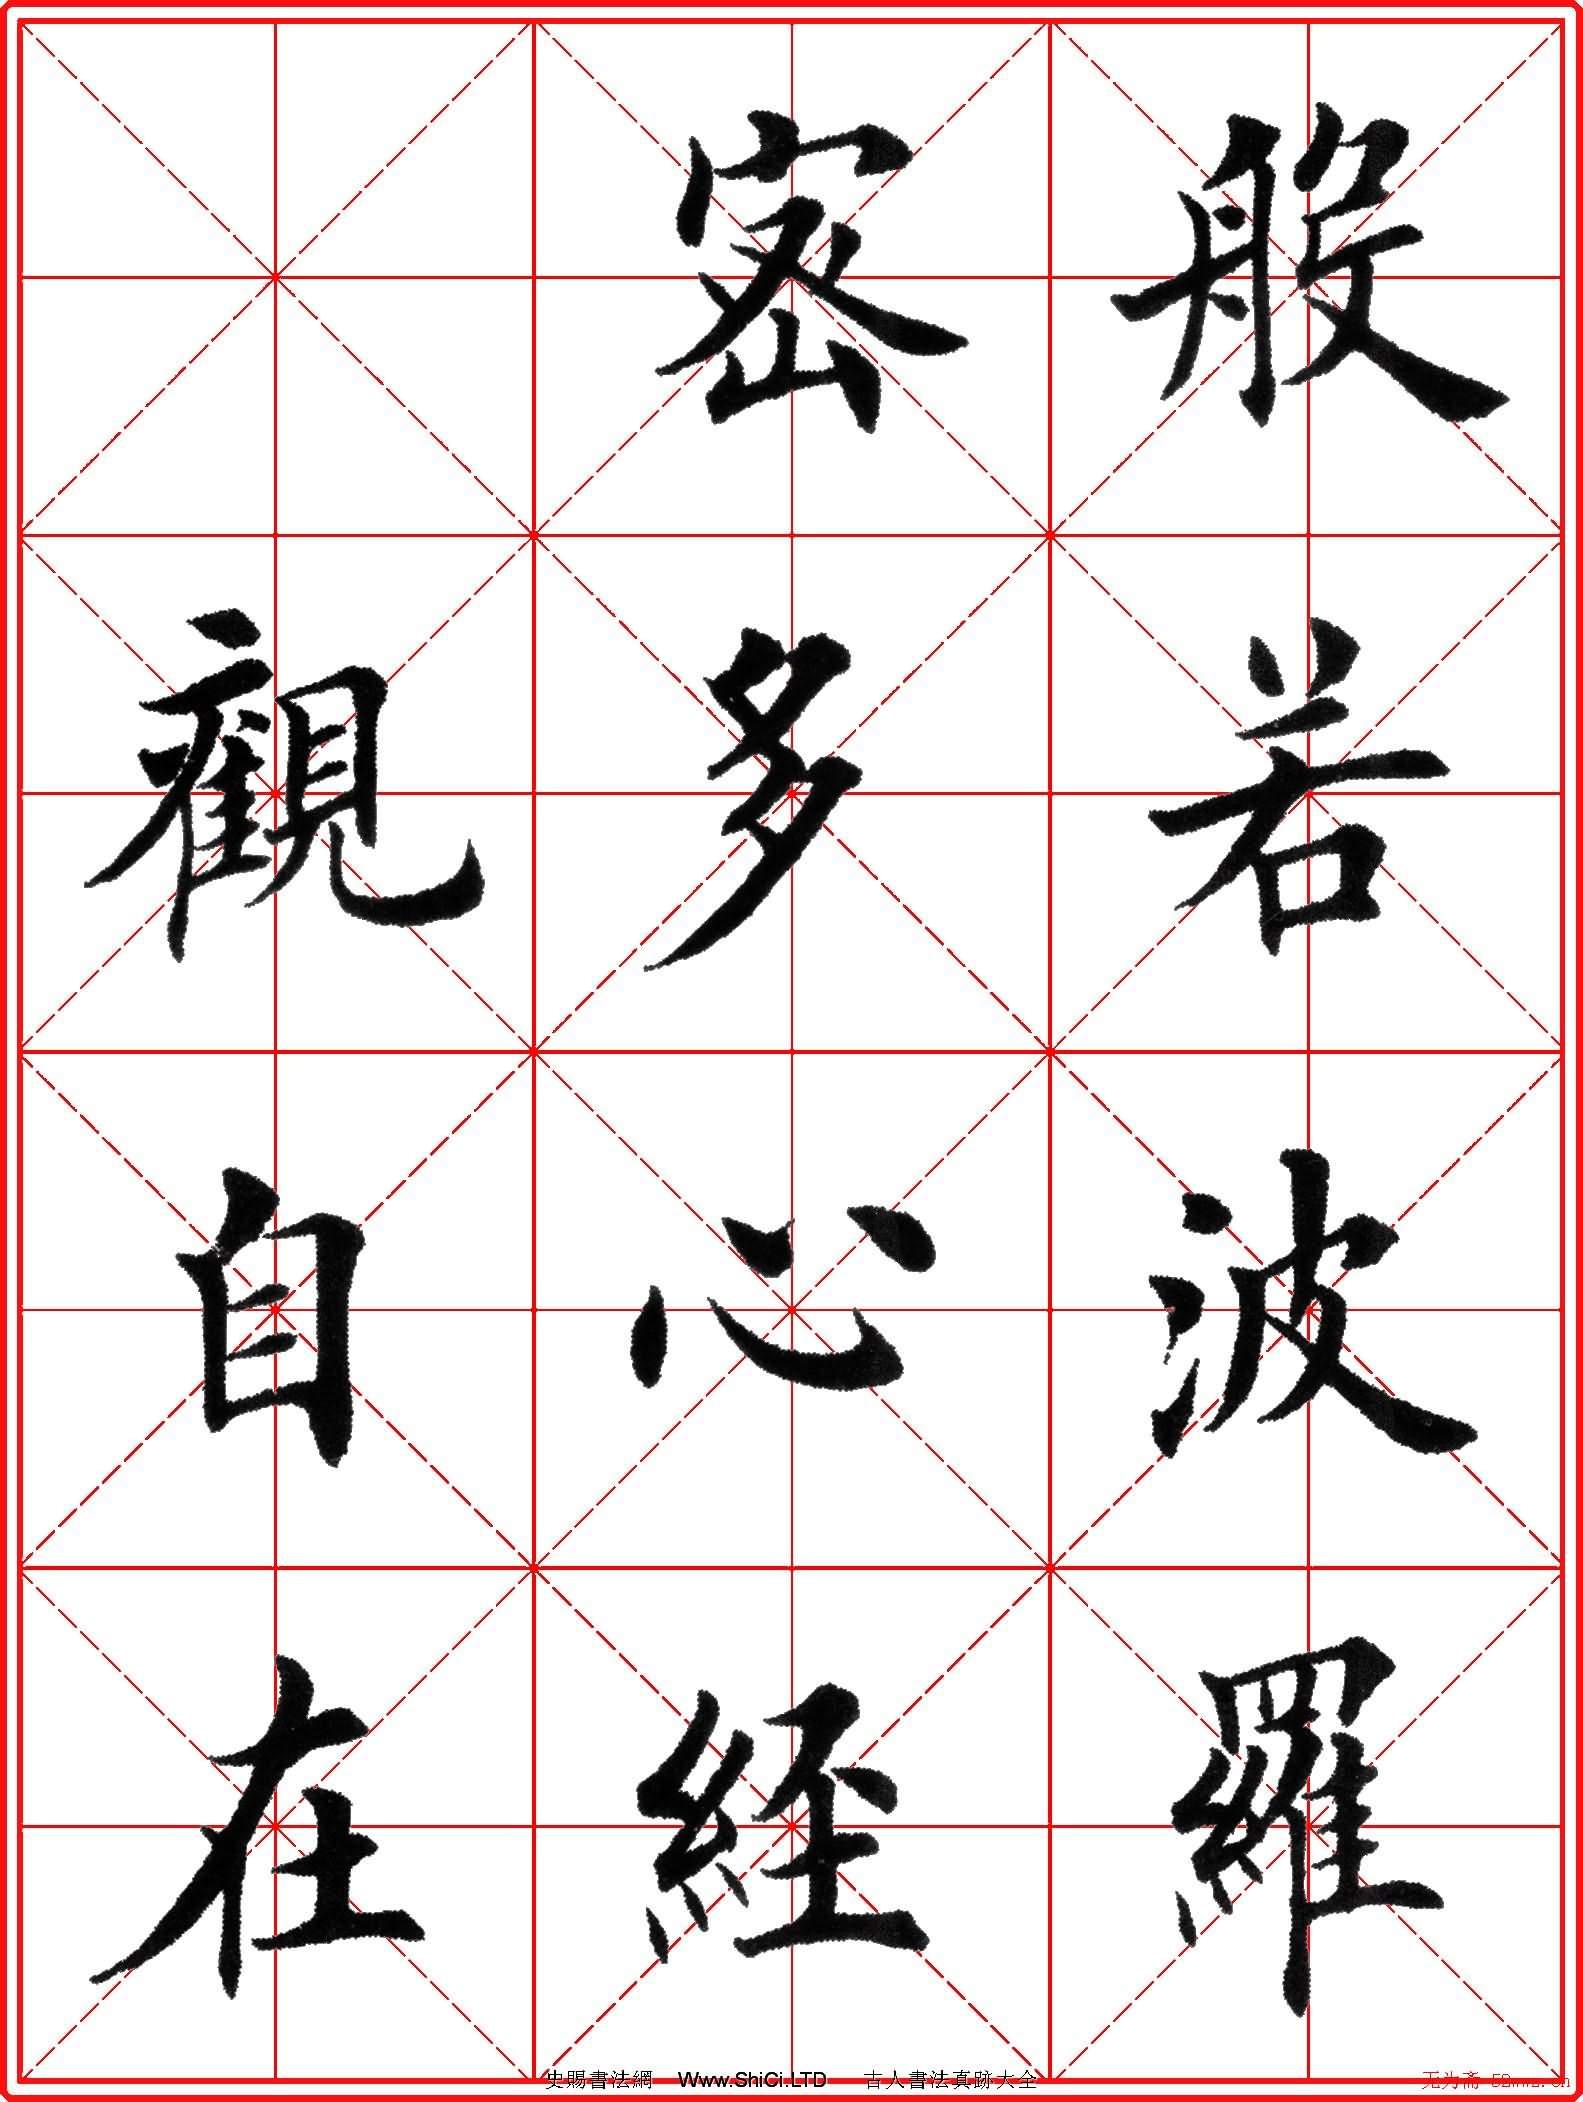 超級放大版字帖-田英章楷書心經(共23張圖片)